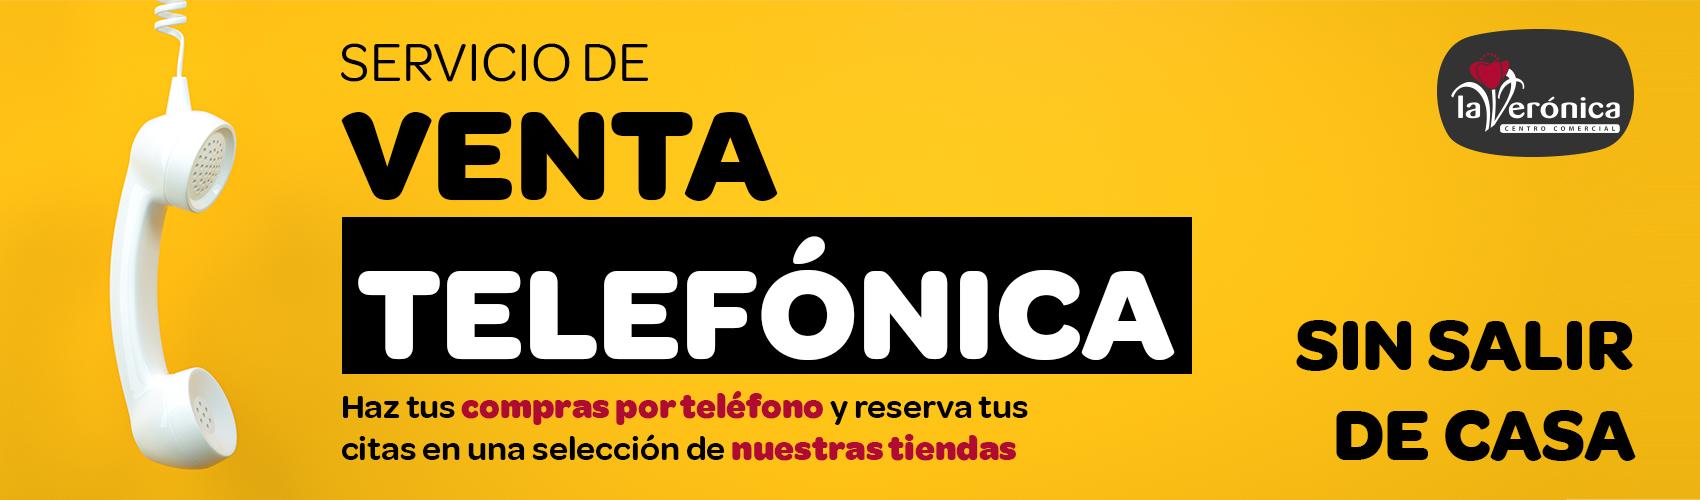 Venta telefónica, Centro Comercial La Verónica Antequera